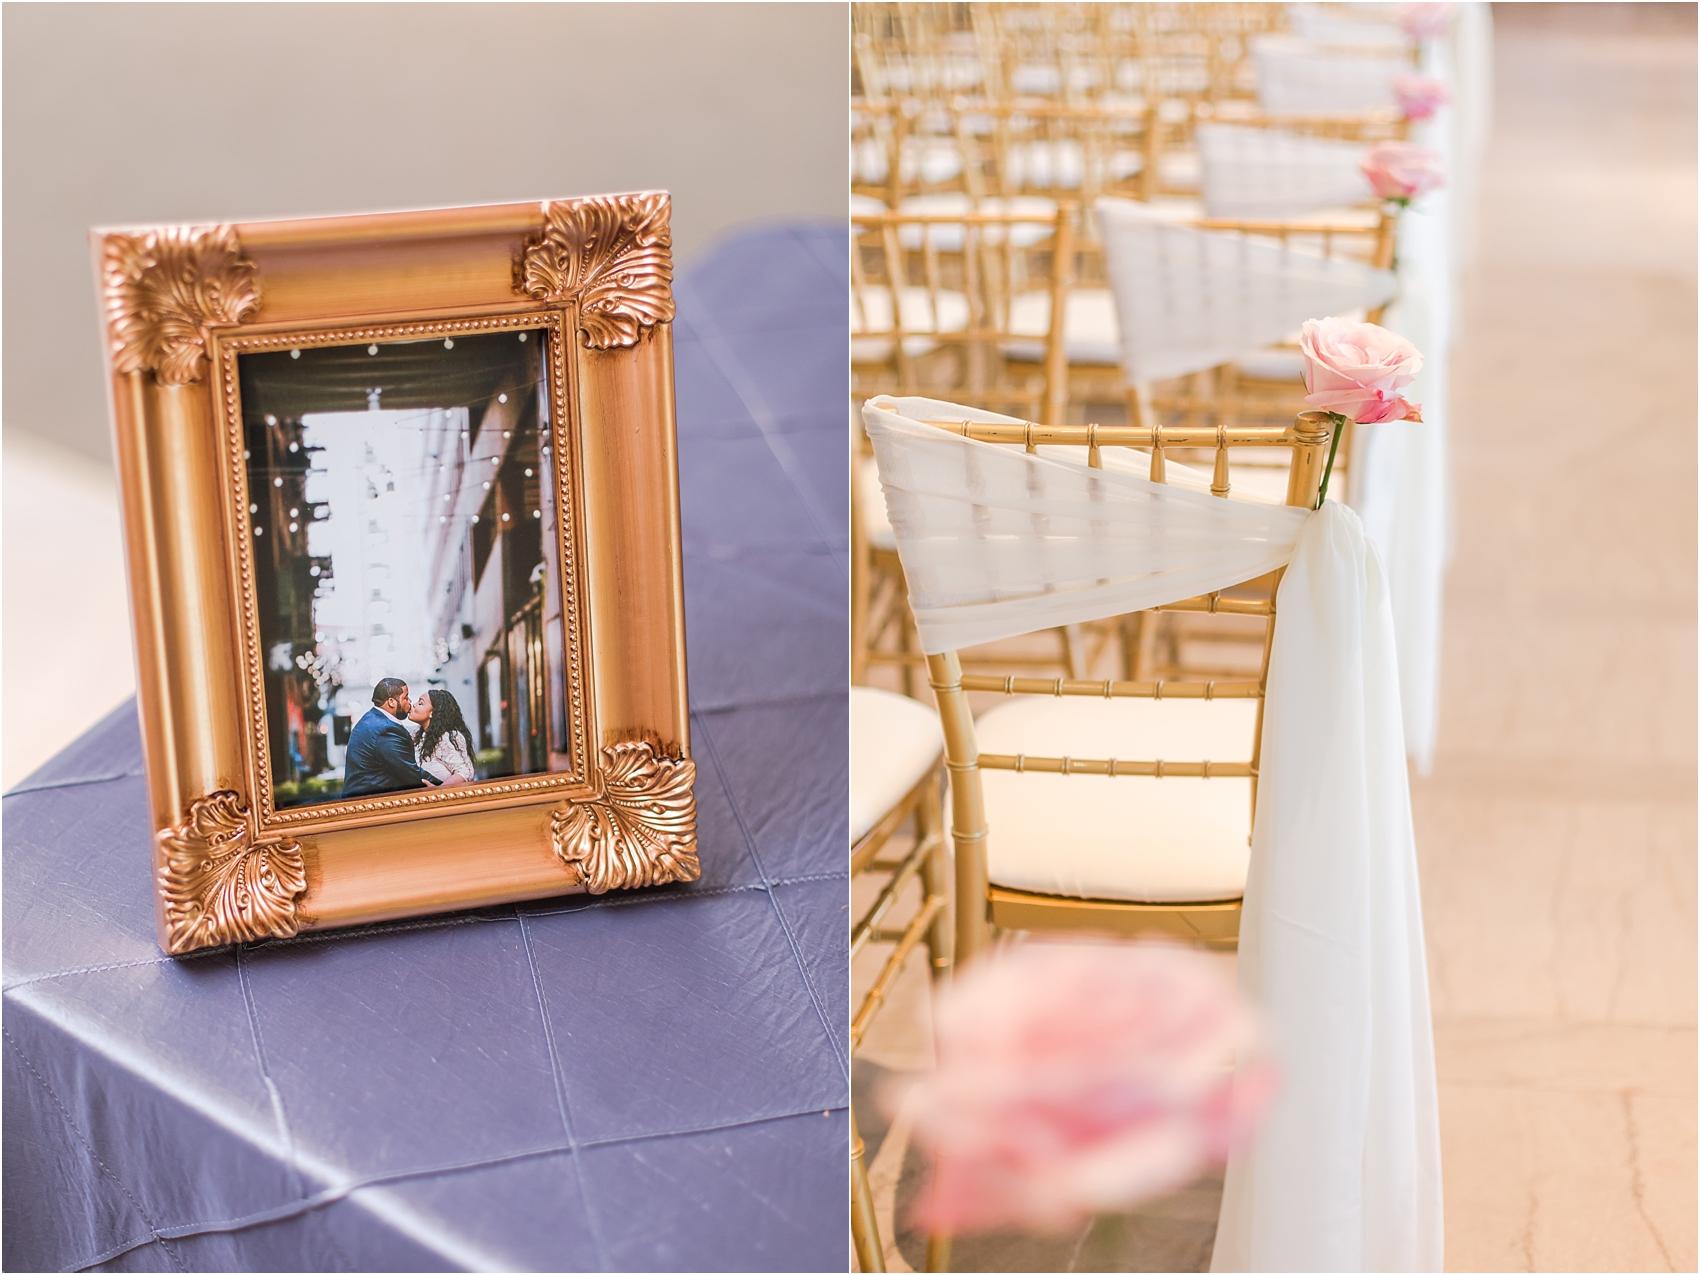 minimalist-and-modern-wedding-photos-at-30-north-saginaw-in-pontiac-michigan-by-courtney-carolyn-photography_0026.jpg